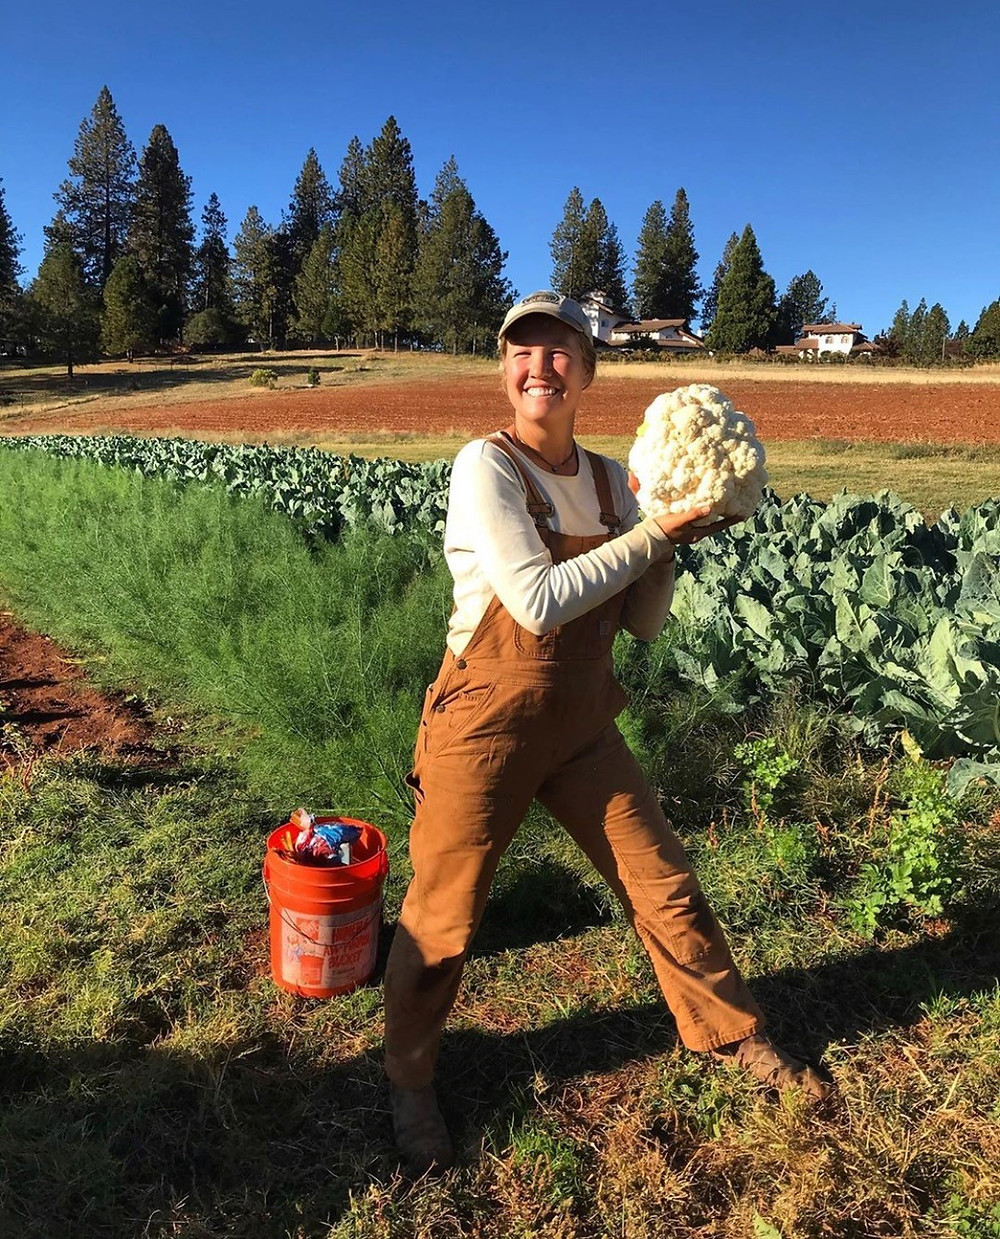 Kaye found a 10 lb cauliflower!